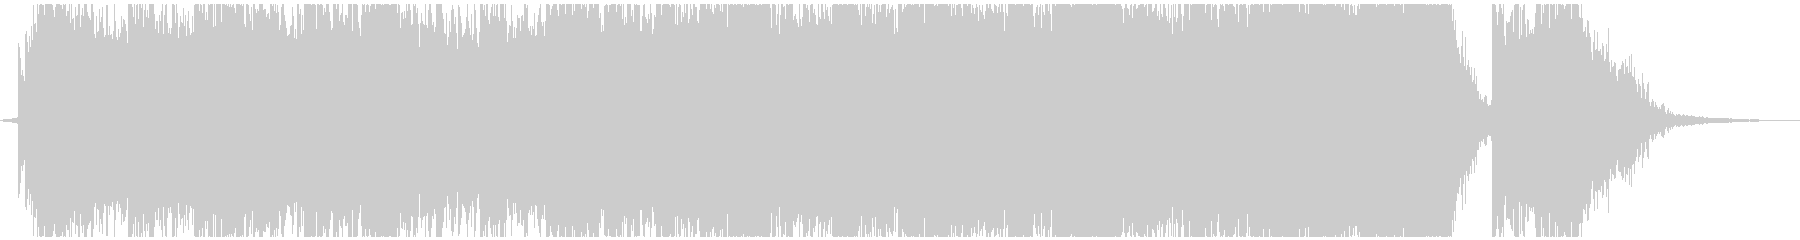 パワフルで壮大で感動的なシネマティックの未再生の波形